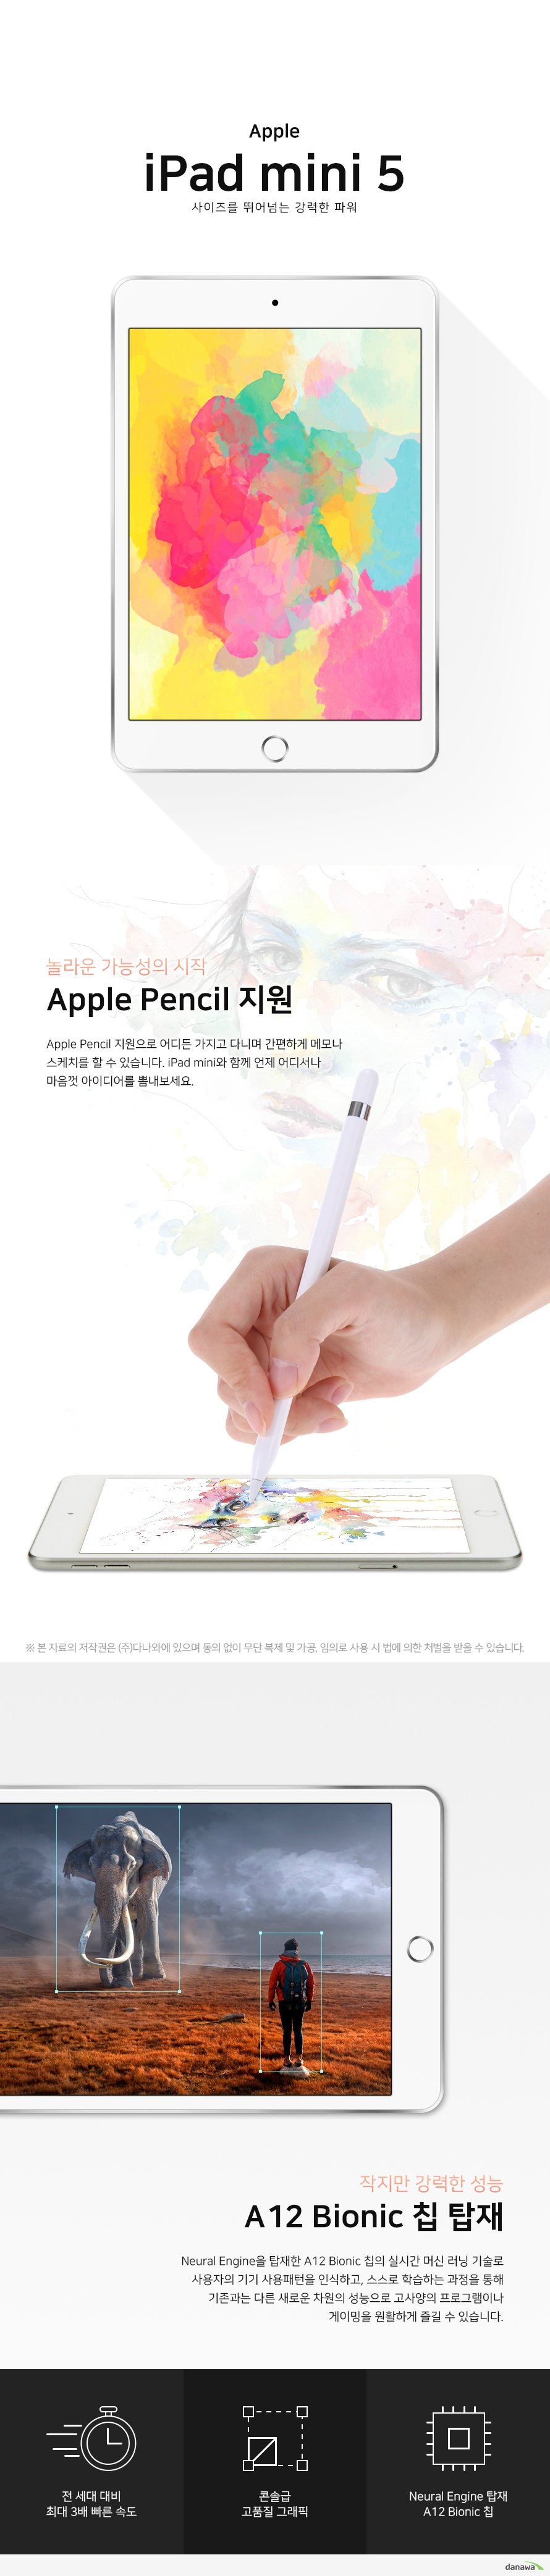 APPLE iPad mini 5 사이즈를 뛰어넘는 강력한 파워 놀라운 가능성의 시작 Apple Pencil 지원 Apple Pencil 지원으로 어디든 가지고 다니며 간편하게 메모나 스케치를 할 수 있습니다 iPad mini와 Apple Pencil과 함께 언제 어디서나 마음껏 아이디어를 뽐내보세요 작지만 강력한 성능 A12 Bionic 칩 탑재 Neural Engine을 탑재한 A12 Bionic 칩의 실시간 머신 러닝 기술로 사용자의 기기 사용 패턴을 인식하고 스스로 학습하는 과정을 통해 기존과는 다른 새로운 차원의 성능으로 고사양의 프로그램이나 게이밍을 원활하게 즐길 수 있습니다 전 세대 대비 최대 3배 빠른 속도 콘솔급 고품질 그래픽 Neural Engine 탑재 A12 Bionic 칩 우수한 몰입감 고품질 픽셀 Retina 디스플레이 넓은 색 영역 또렷한 텍스트 우수한 몰입감을 자랑하는 7점 9형 디스플레이에 300만 개 이상의 고품질 픽셀을 빼곡히 담았습니다 반사방지 코팅으로 더욱 생생하고 사실적인 디테일의 생생한 그래픽을 느껴보세요 자연스러운 밸런스 True Tone 기술 주변 조명의 색온도에 맞게 자동으로 화이트 밸런스를 조절하여 자연스러운 화면을 구현해주는 기술로, 눈의 피로 감소 및 정확한 색 표현을 보여줍니다 내 손에 딱 맞는 크기 우수한 휴대성 가벼운 무게와 얇은 두께의 휴대하기 간편한 크기로 가지고 다니며 작업이 가능합니다 언제 어디서나 iPad mini와 함께하며 아이디어가 떠오를 때마다 바로 꺼내 사용해보세요 300점 5g 가벼운 무게 6점 1mm 슬림한 두께 촬영과 소통을 함께하는 HD AR 카메라 iPad mini 앞뒷면 카메라는 고품질의 사진 영상 등을 촬영하고 편집할 수 있습니다 뿐만 아니라 FaceTime 통화 문서 스캔 및 주석 달기 증강 현실을 활용한 인테리어 계획 세우기 등 특별한 기능을 통해 다양하게 즐길 수 있습니다 간편하고 안전한 보안 Touch ID 센서 iPad mini 홈버튼에 있는 Touch ID 센서 위에 손가락을 올려서 안전하고 간편하게 잠금을 해제하세요 Apple의 강력한 개인 정보 보호 및 보안 설계로 안심하고 사용할 수 있습니다 Specification 화면 정보 화면 크기 20cm 7점 9인치 디스플레이 IPS LCD 해상도 2048 x 1536 ppi 326ppi 시스템 정보 CPU 제조사 애플 CPU 명 A12 코어 수 헥사 6 코어 코어 클럭 2점 5GHz 1점 53GHz RAM 용량 3GB 저장 용량 내장 64GB 추가 메모리 슬롯 micro SD 미지원 네트워크 규격 태블릿 통신 Wi Fi 전용 Wi Fi 주파수 802점 11 a b g ac 블루투스 버전 블루투스 v5 점 0 카메라 성능 후면 카메라 800만 화소 전면 카메라 700만 화소 카메라 플래시 LED 플래시 미지원 4K 촬영 불가능 단자 배터리 USB 충전 단자 라이트닝 8핀 USB 풀사이즈 미지원 HDMI 미지원 MHL 미지원 전용 터치펜 별매 전용 키보드 미지원 배터리 용량 19점 1Wh 배터리 사용 시간 최대 10시간 기본 정보 가로 134점 8mm 세로 203점 2mm 두께 6점 1mm 무게 300점 5g 센서 자이로 센서 지문 인식 가속도 센서 나침반 센서 적합성 평가 인증 판매 사이트 문의 안전 확인 인증 판매 사이트 문의 제품의 외관 사양 등은 제품 개선을 위해 사전 예고 없이 변경될 수 있습니다